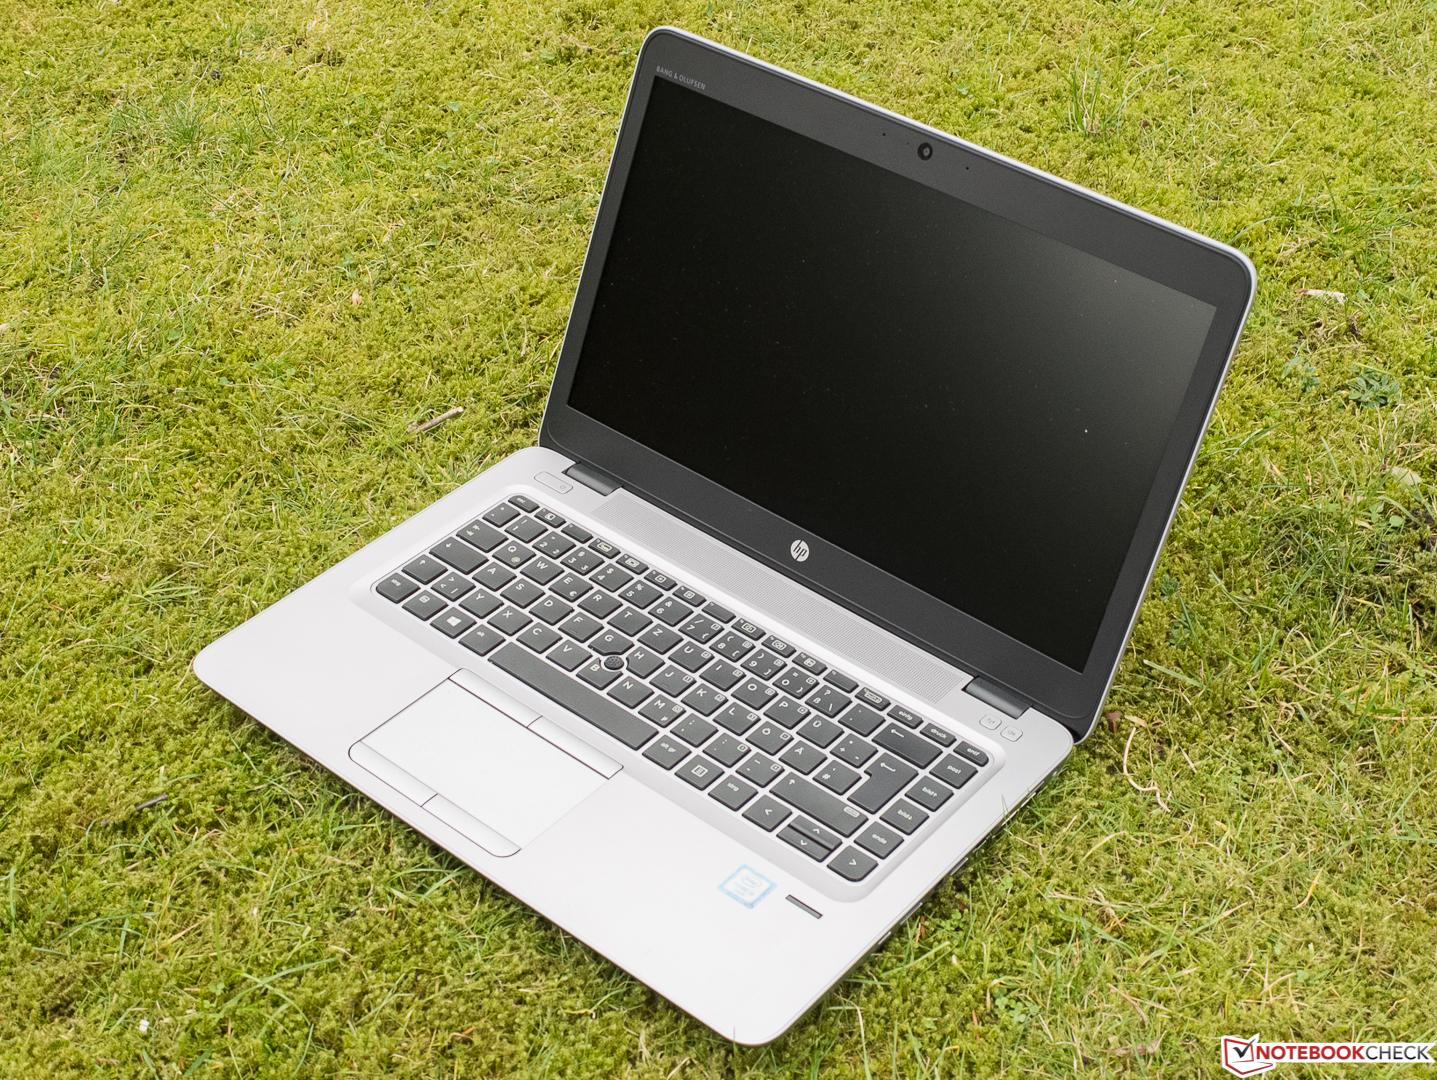 HP EliteBook 840 G3 Notebook Review - NotebookCheck net Reviews